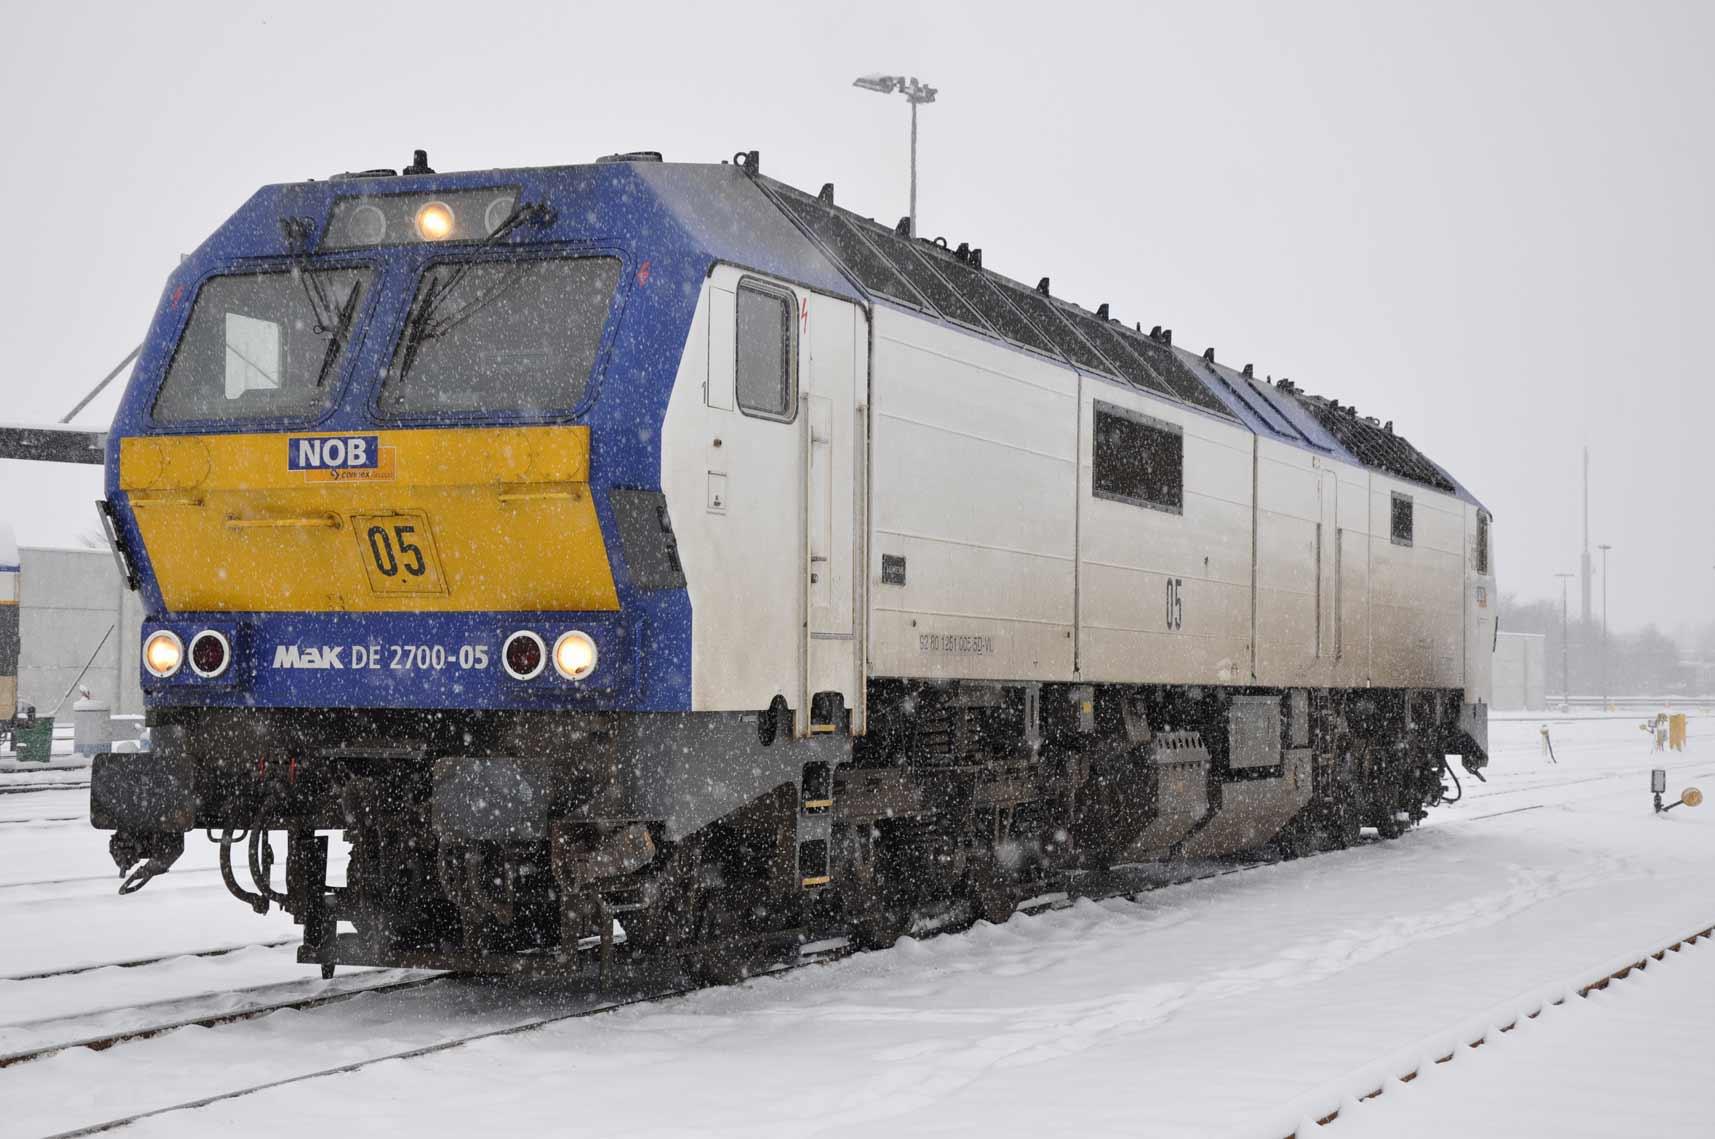 79301: Diesellokomotive DE2700-05 NOB (Wechselstrom) mit Sound